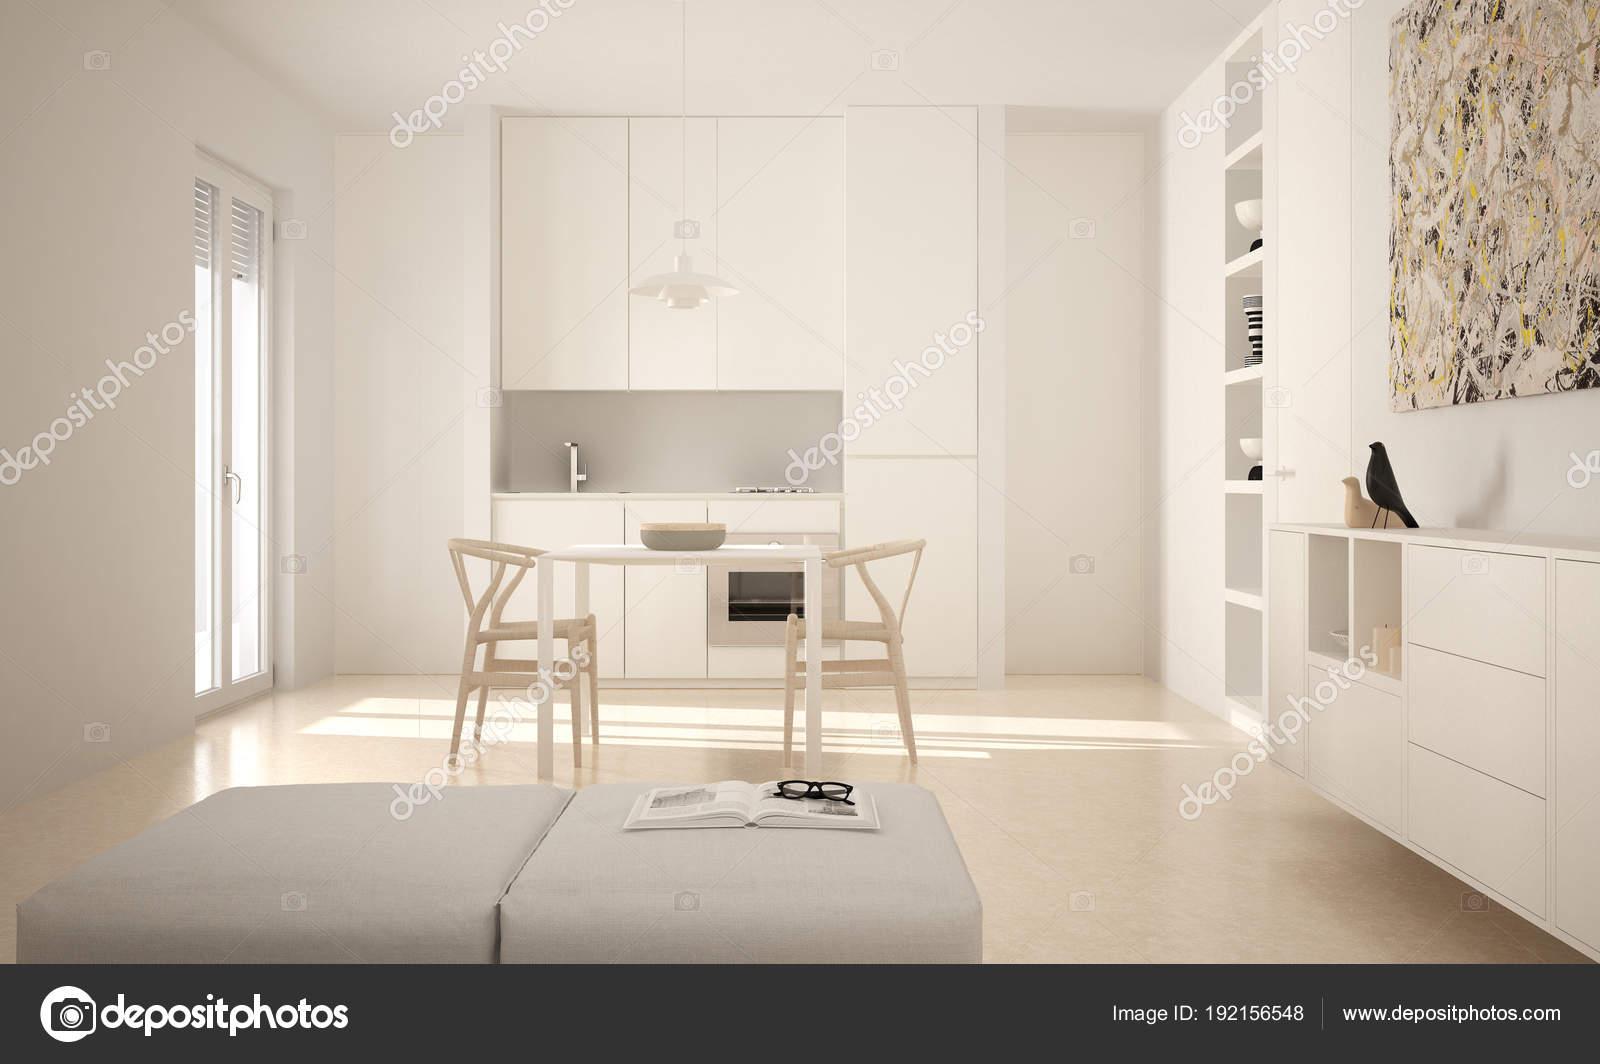 Minimalistische moderne lichte keuken met eettafel en stoelen, grote ...